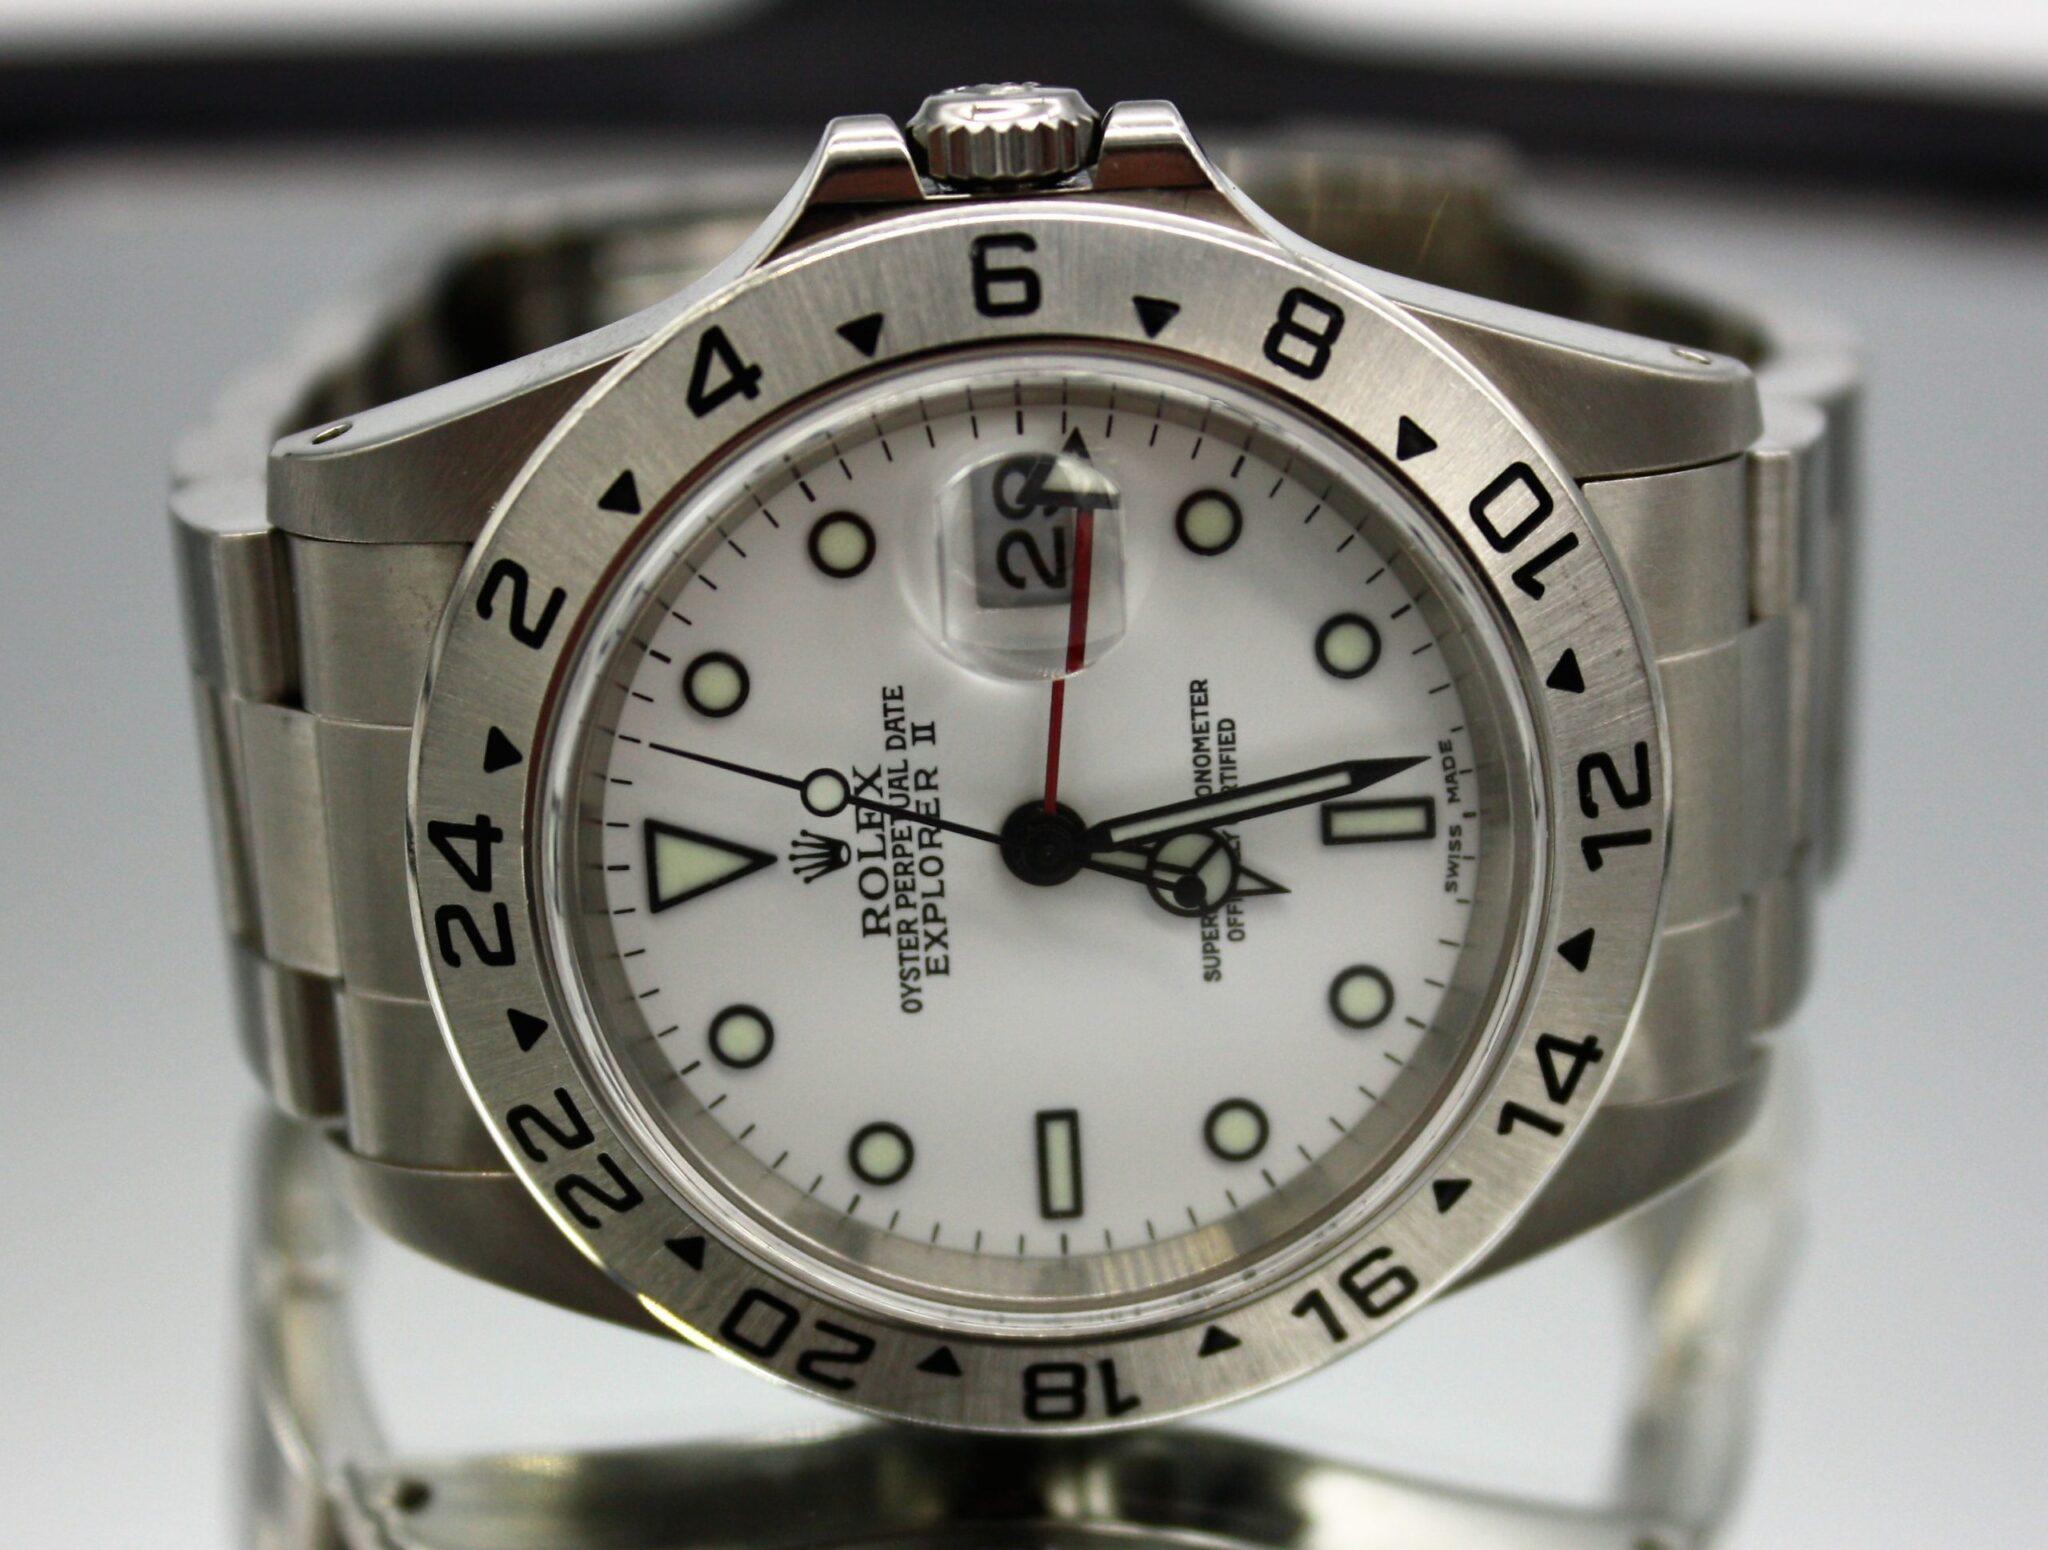 Rolex Explorer II GMT Now in Stock!